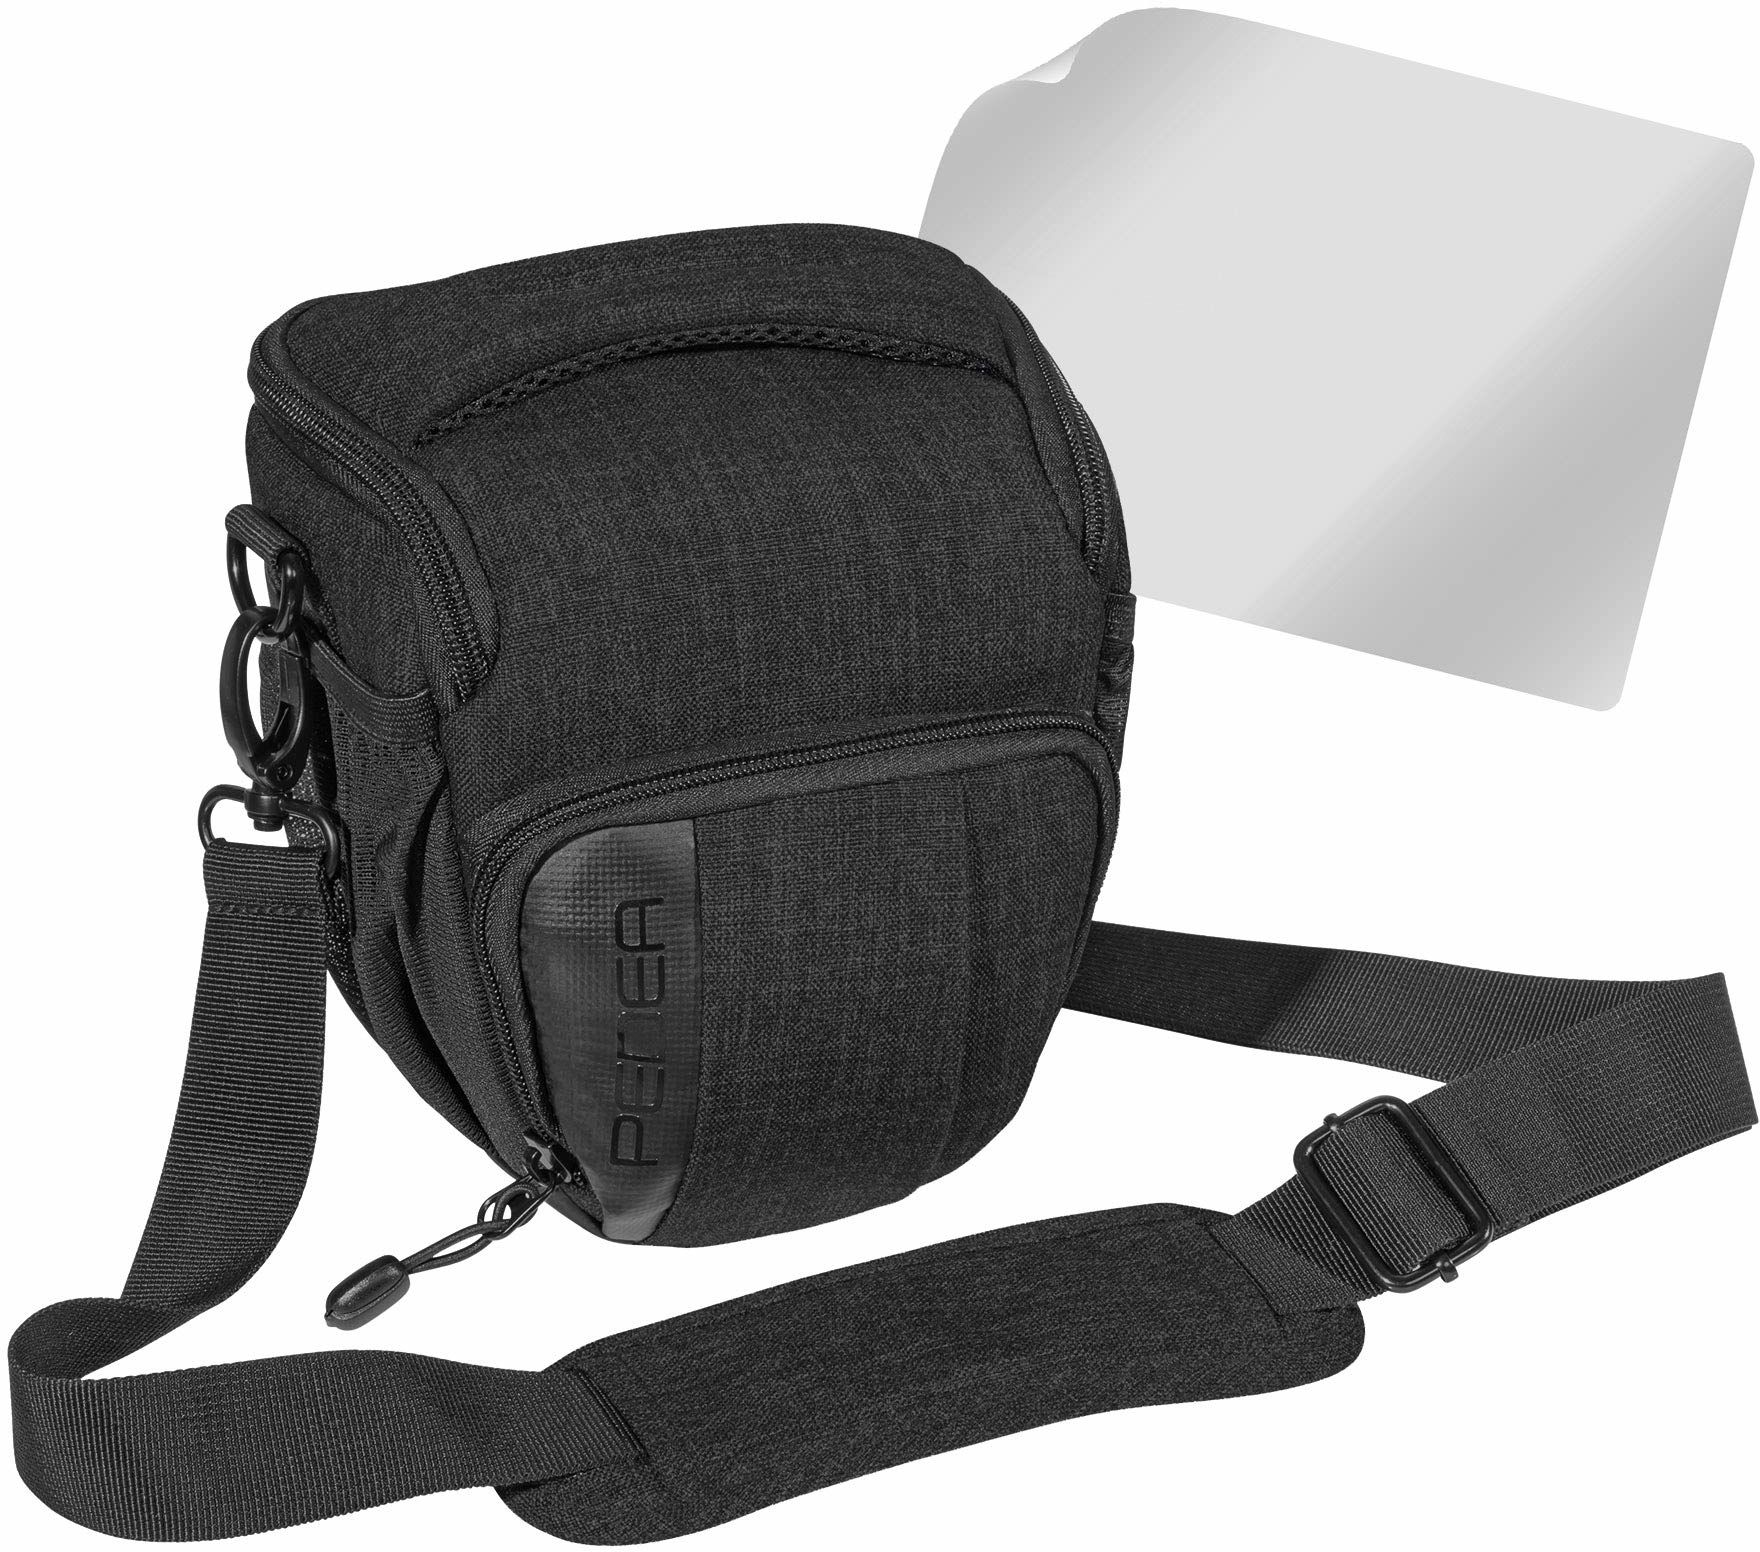 """PEDEA DSLR torba na aparat """"Fashion"""" z folią ochronną na wyświetlacz do Canon EOS 5D Mark II 400D 2000D / Nikon D60 D80 D90 D3100 D3200 D3300 D3400 D5300 D7100 / Pentax K 50 K 500, rozm. M czarny"""